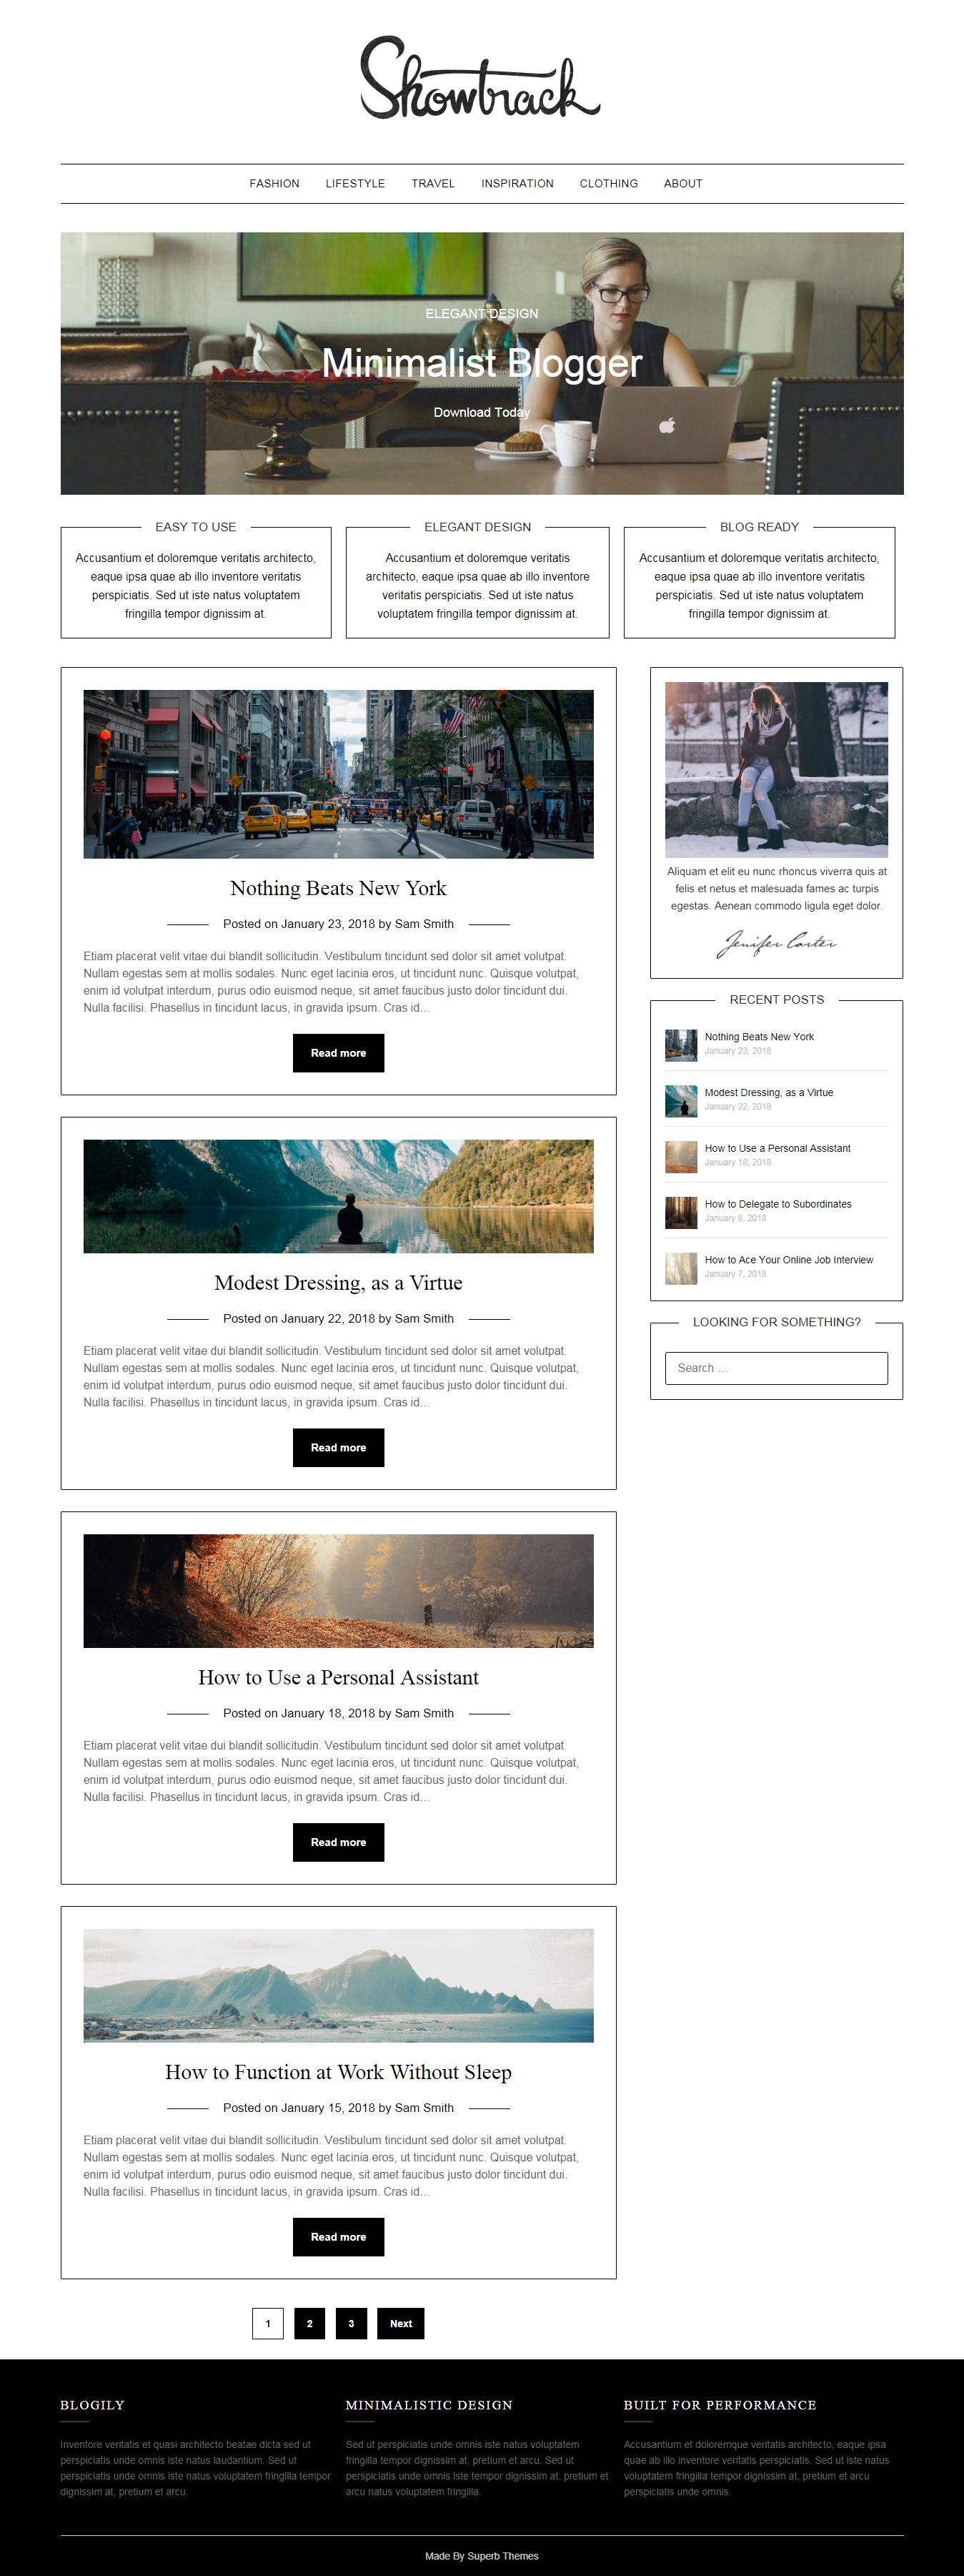 minimalist blogger best free minimal wordpress theme - 10+ Best Free Minimal WordPress Themes